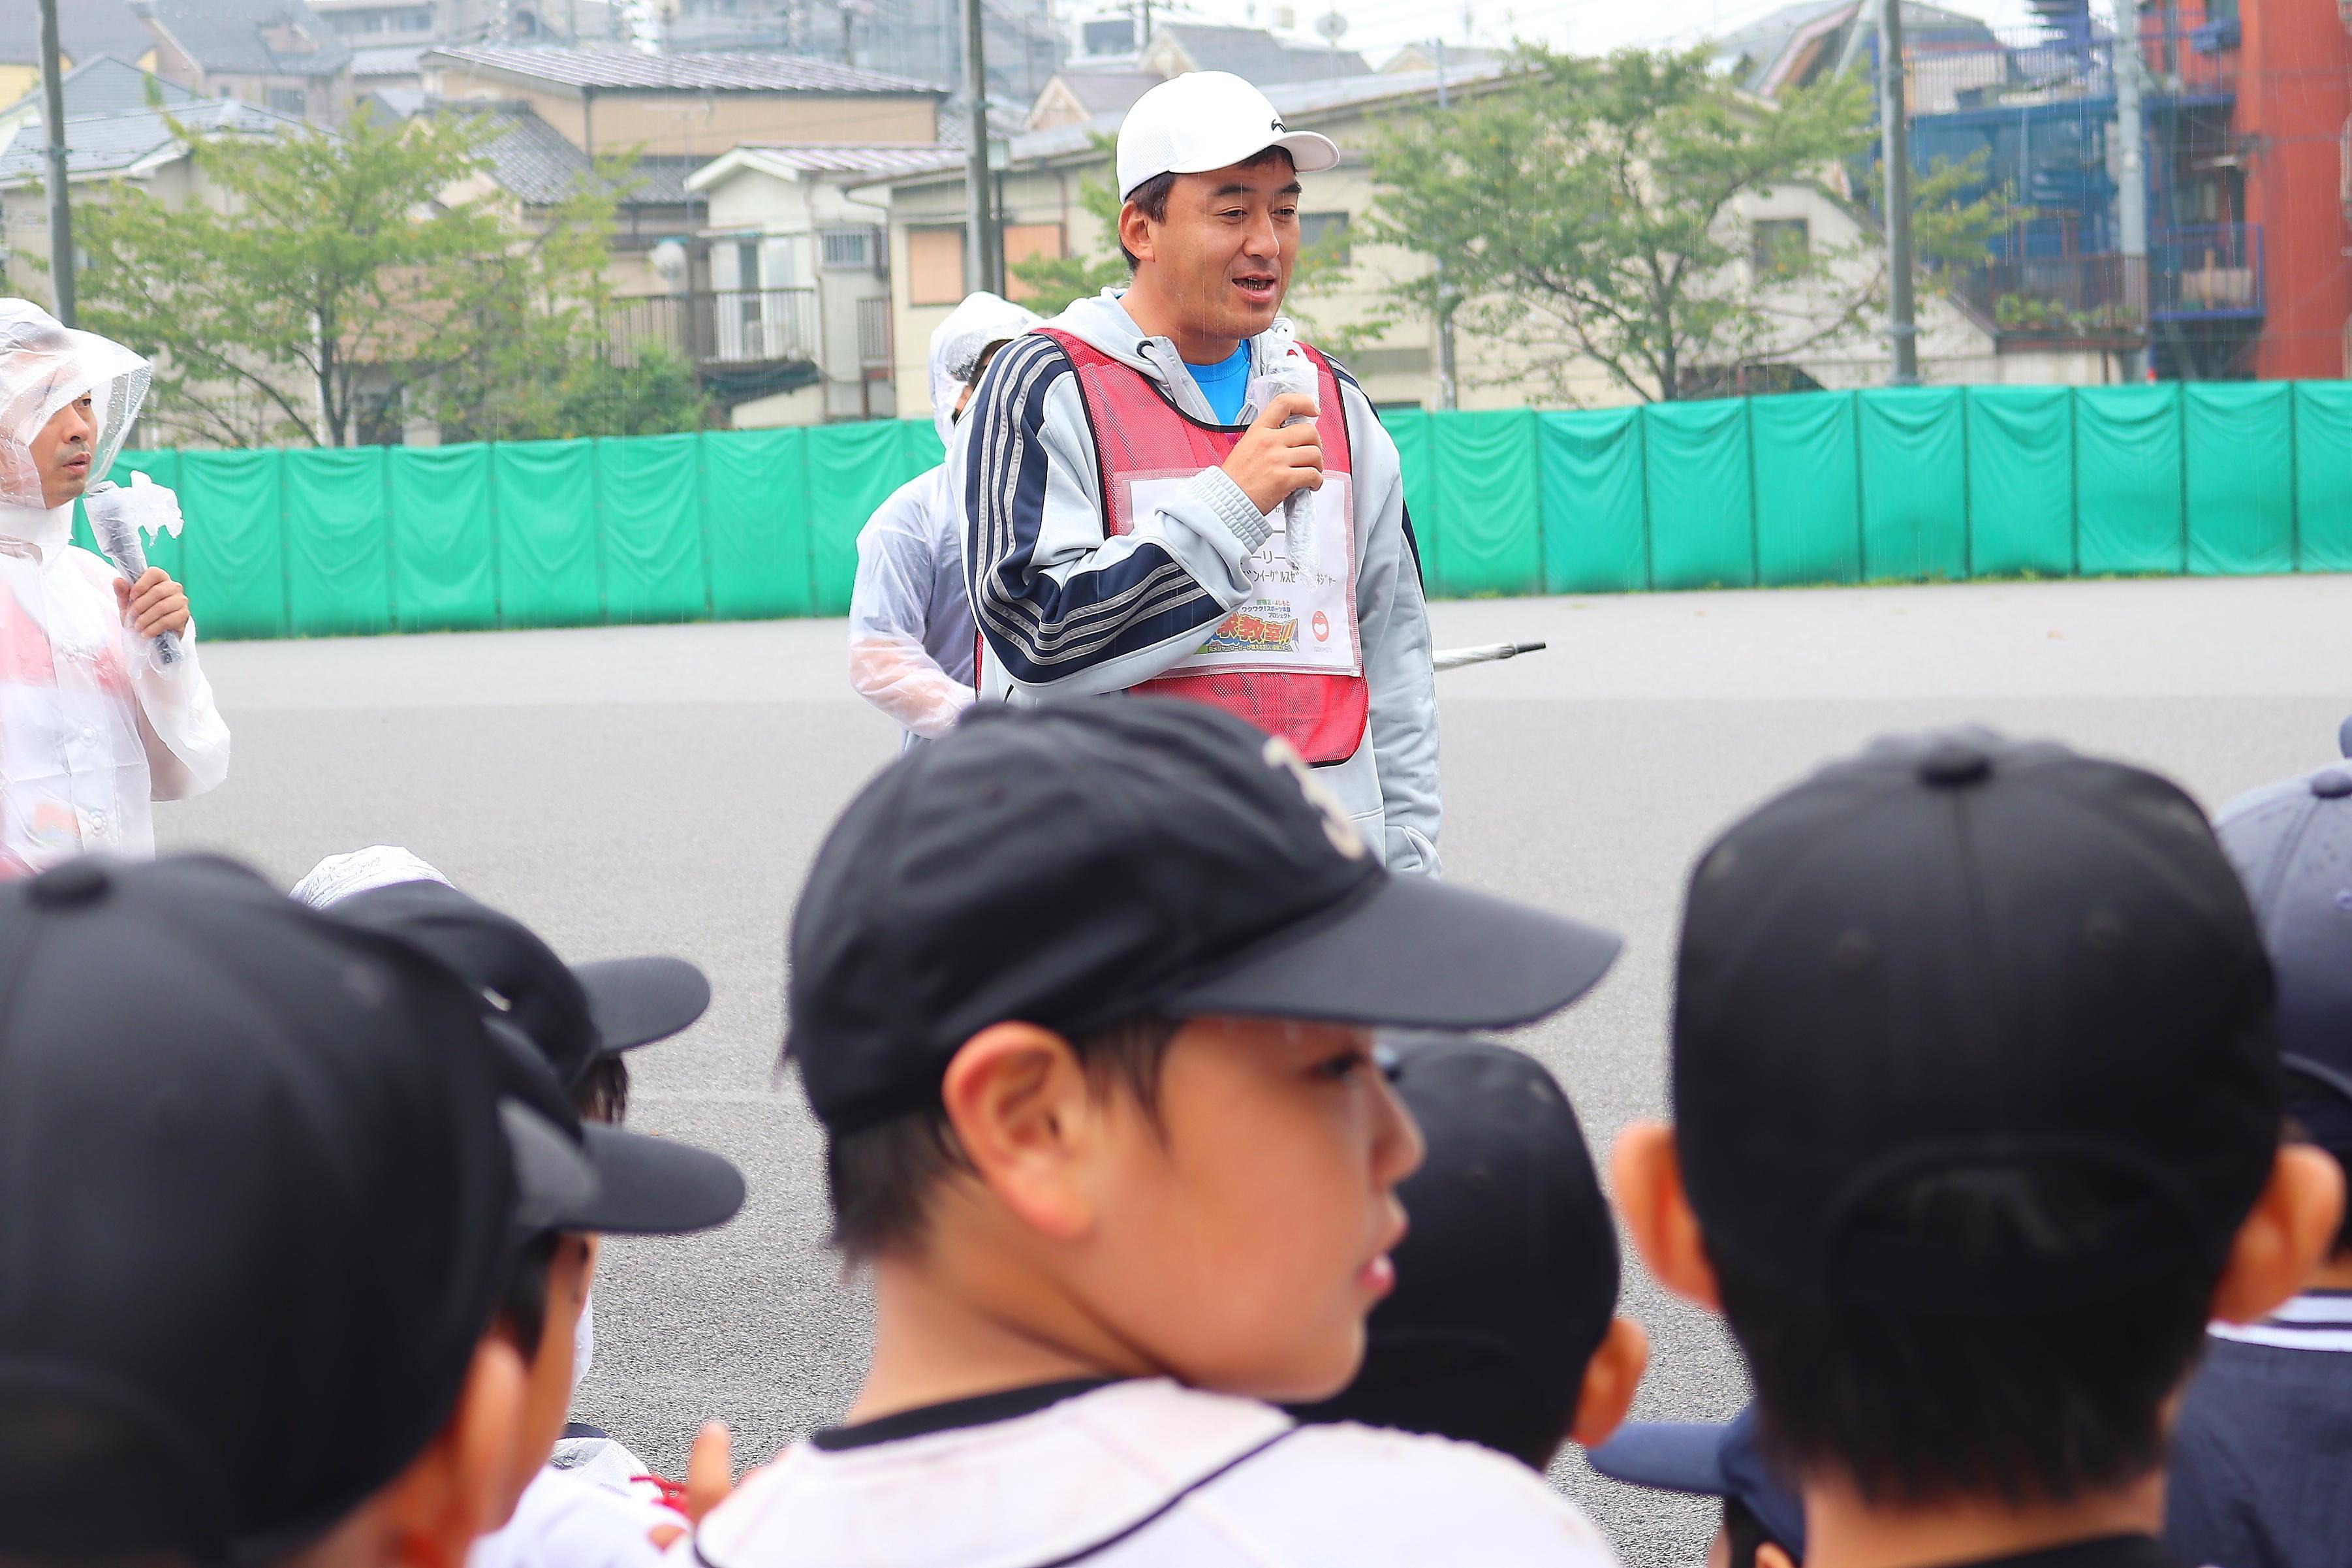 http://news.yoshimoto.co.jp/20181003213350-c05358f5a749c9d3d78d1716a20df3d40f072909.jpg